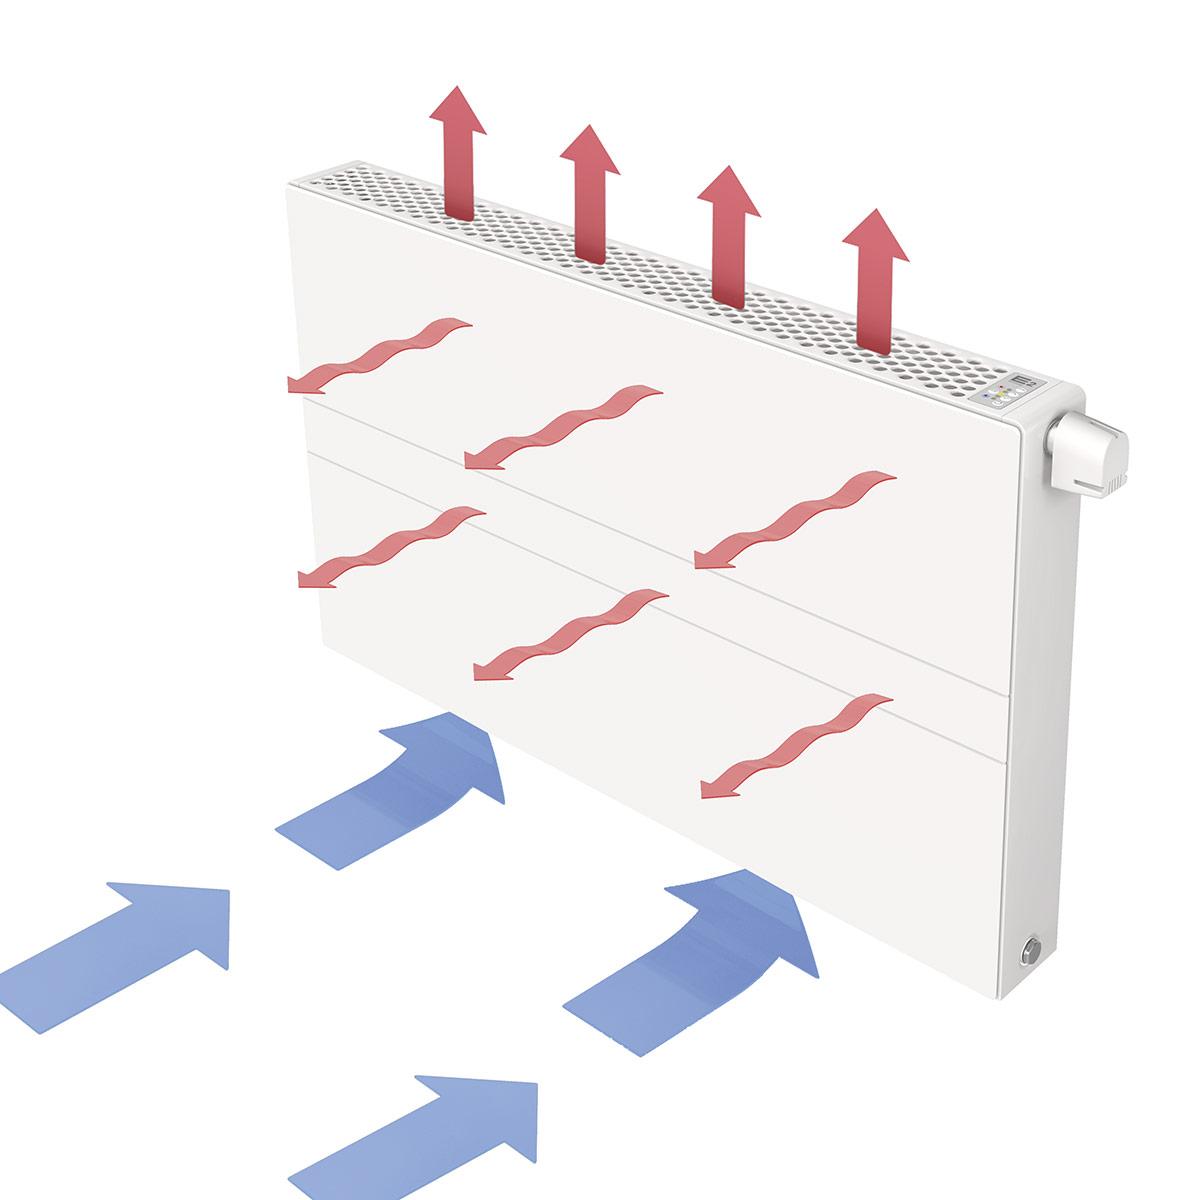 Ulow-E2-arrows